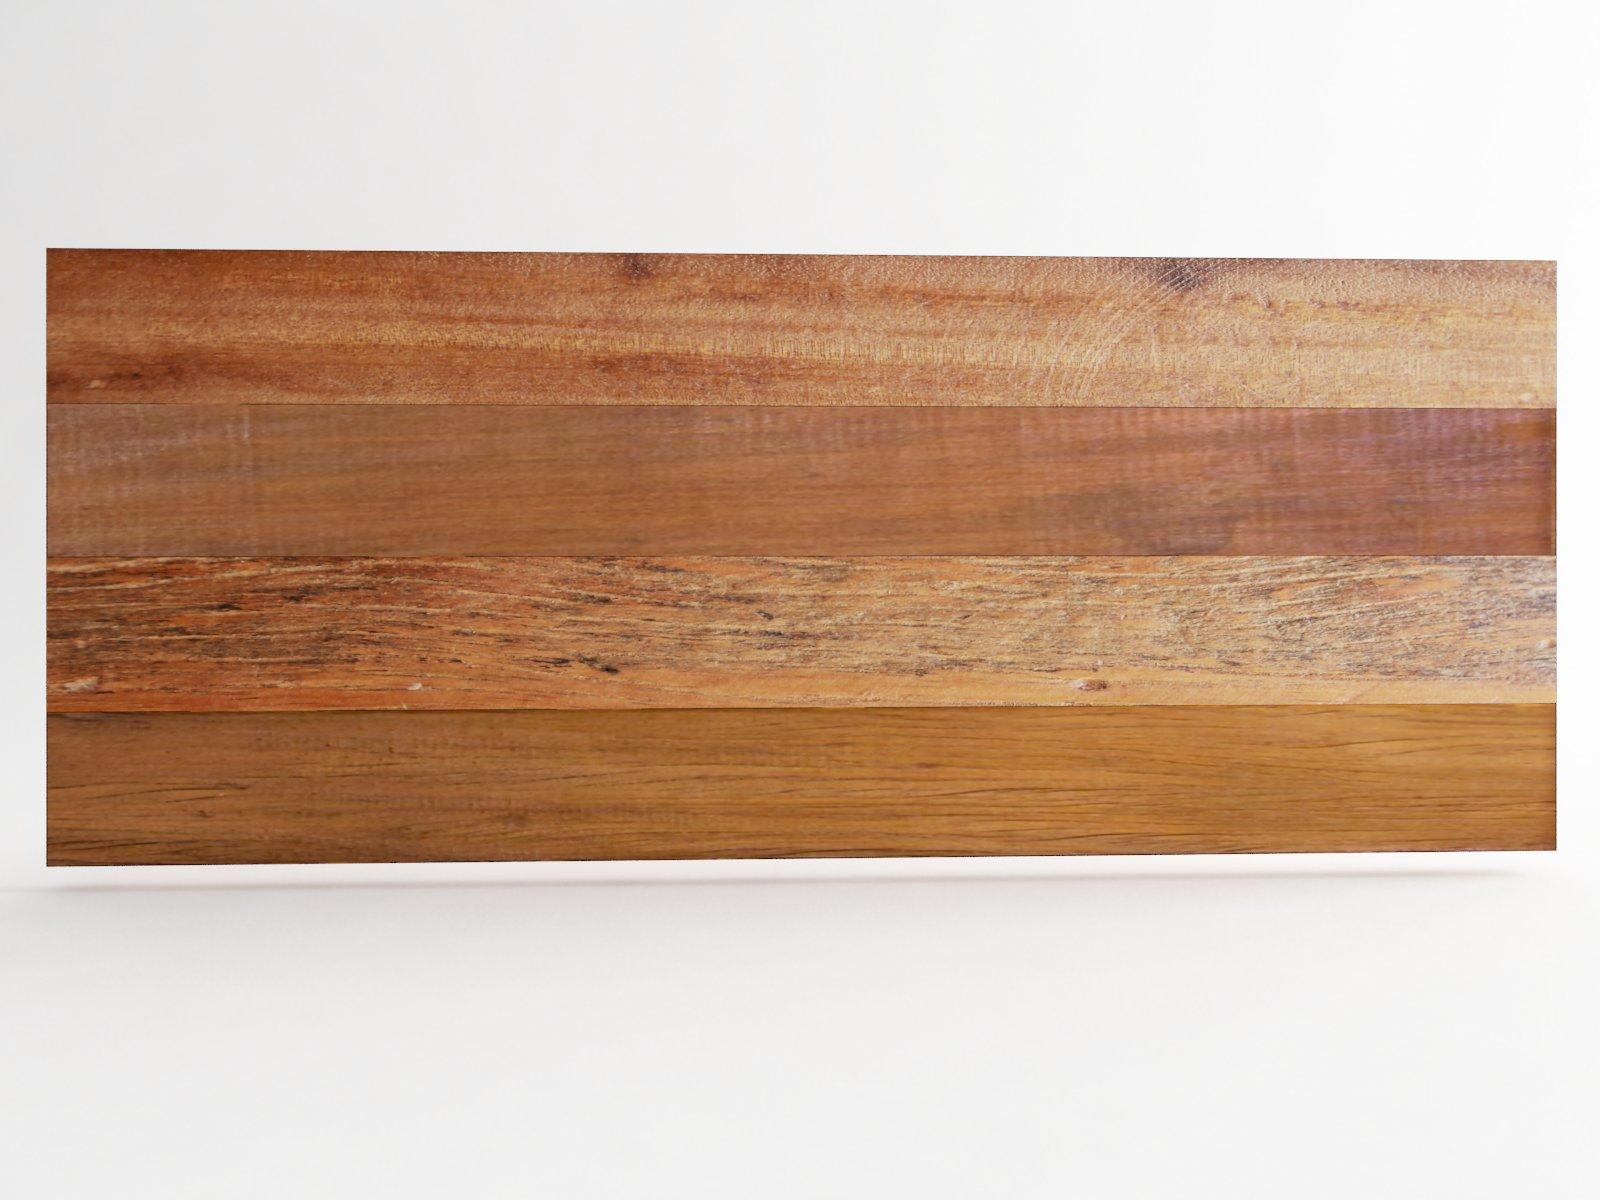 Cabeceira Para Cama De Casal Padrão Medindo 1,40x50 Em Madeira Rústica